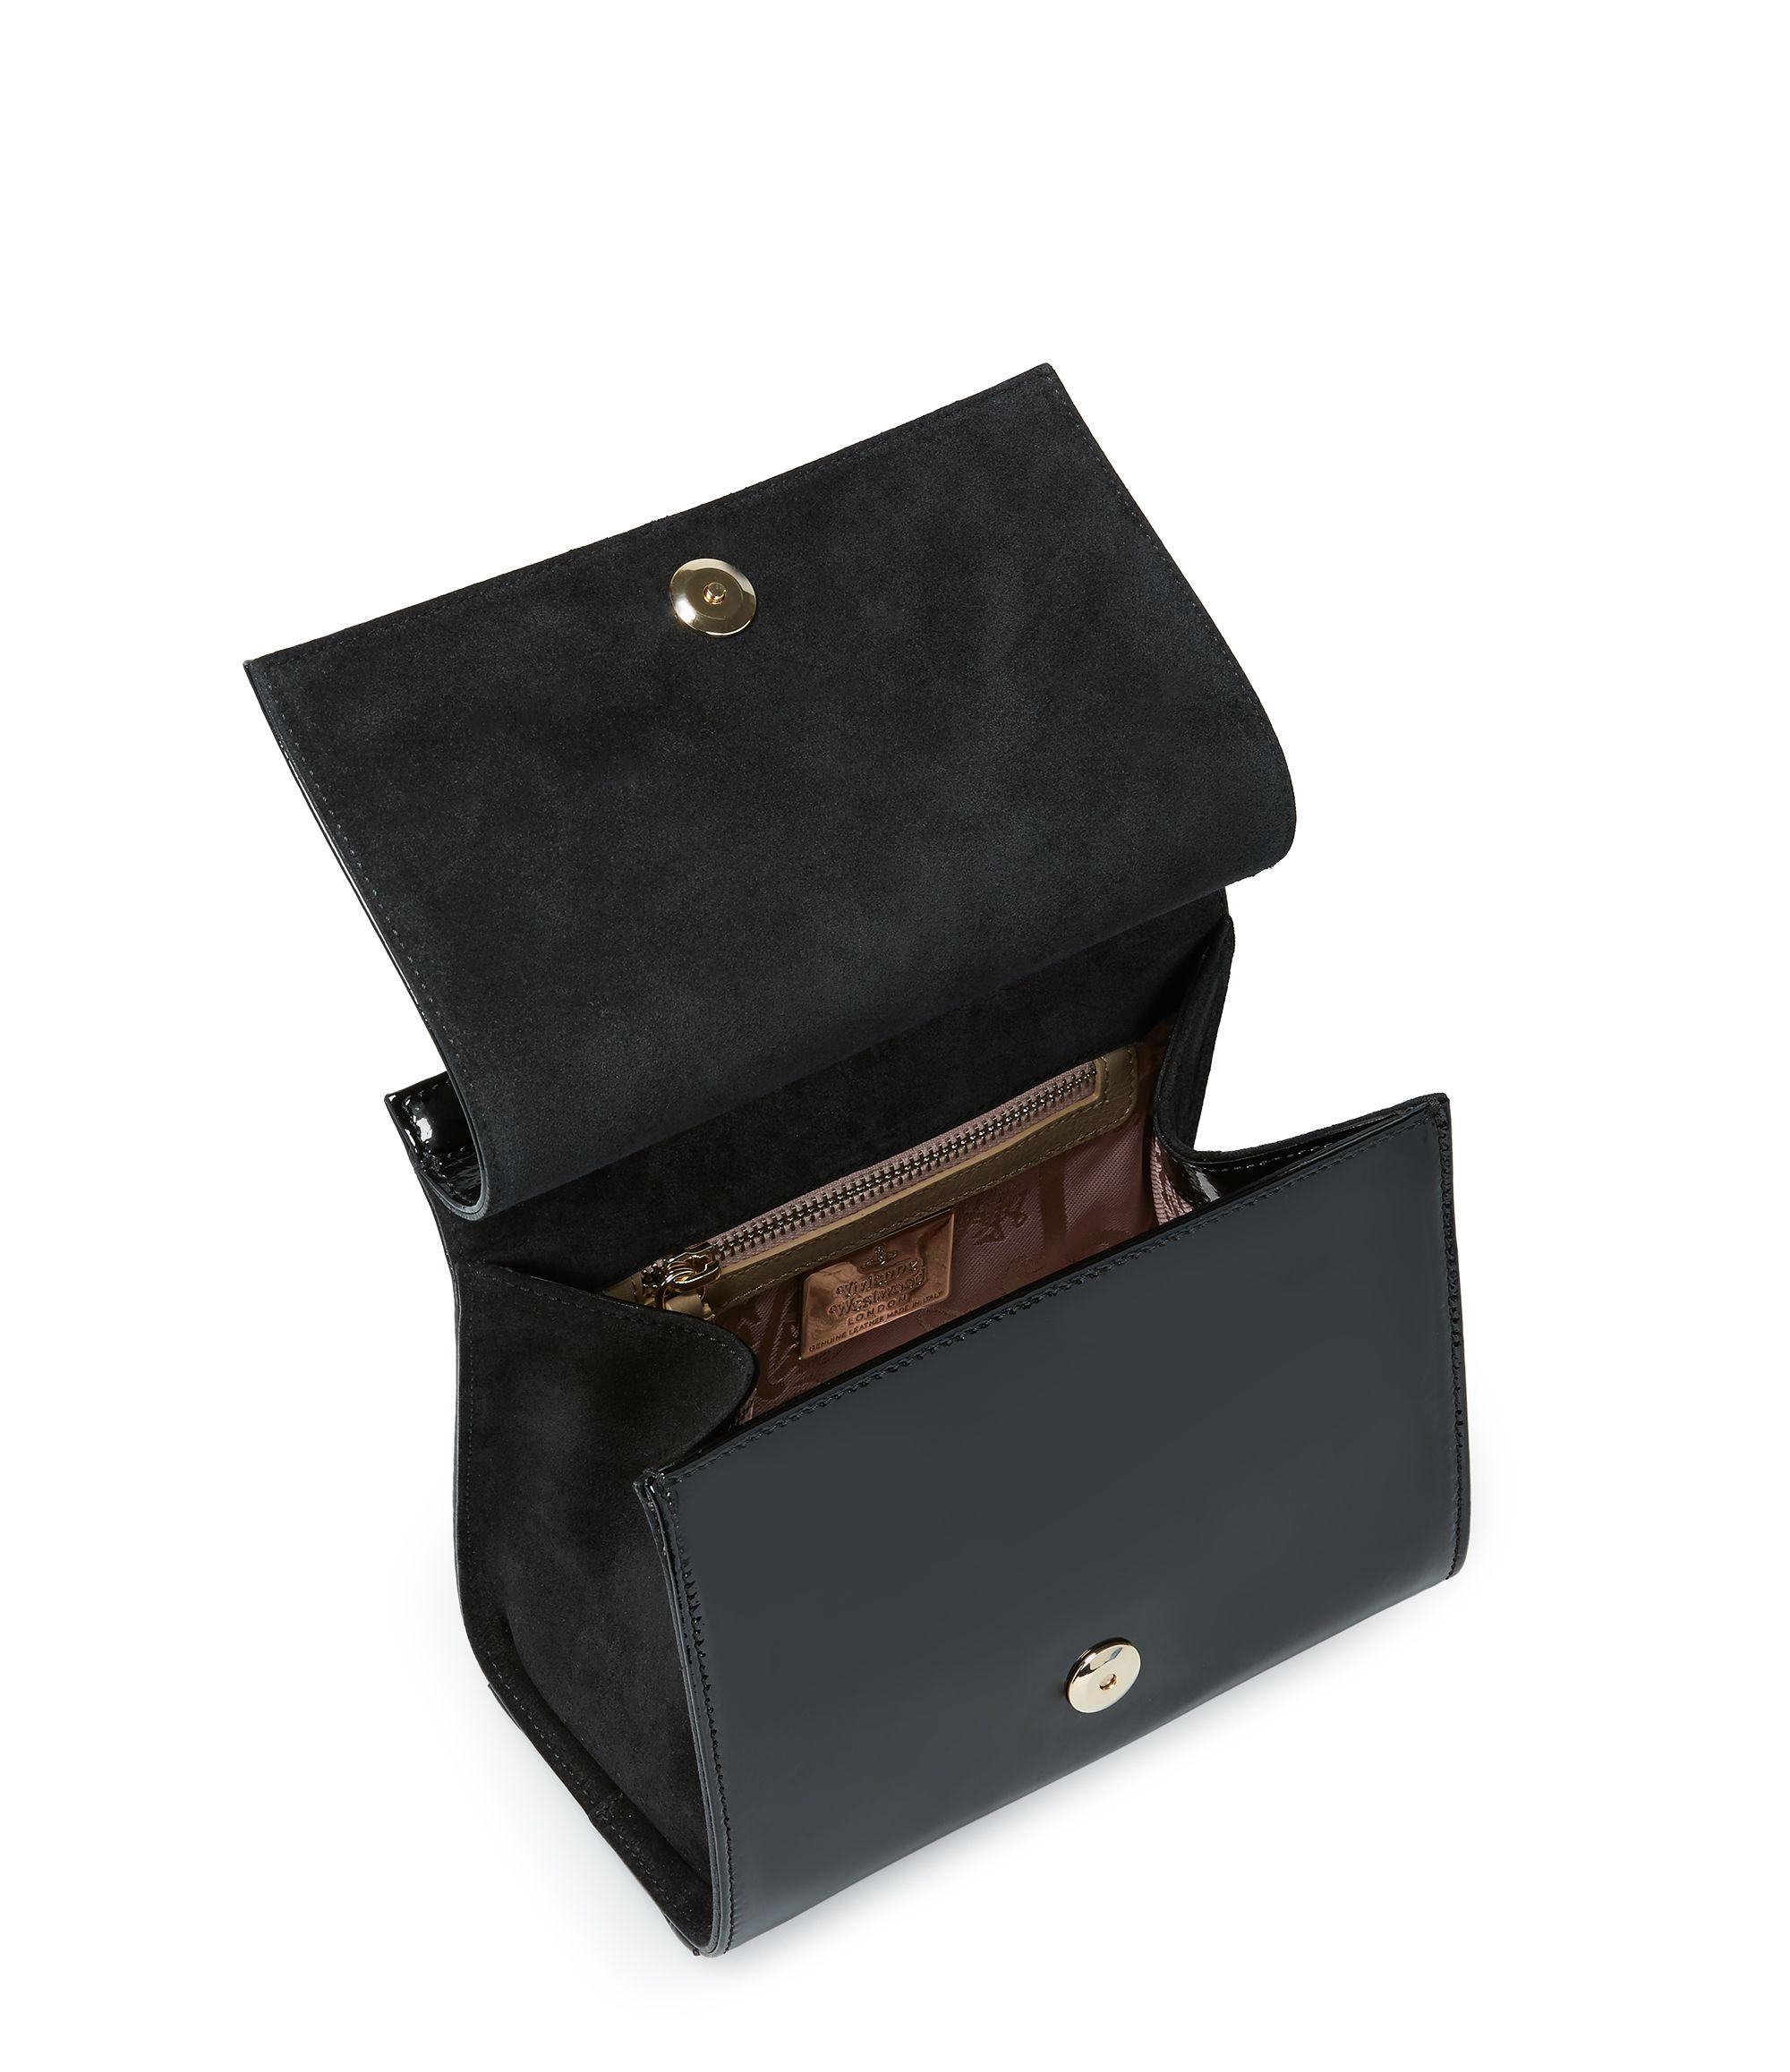 9915e667dd9 Margate Bag 7376 Black | For the love of black | Vivienne westwood ...